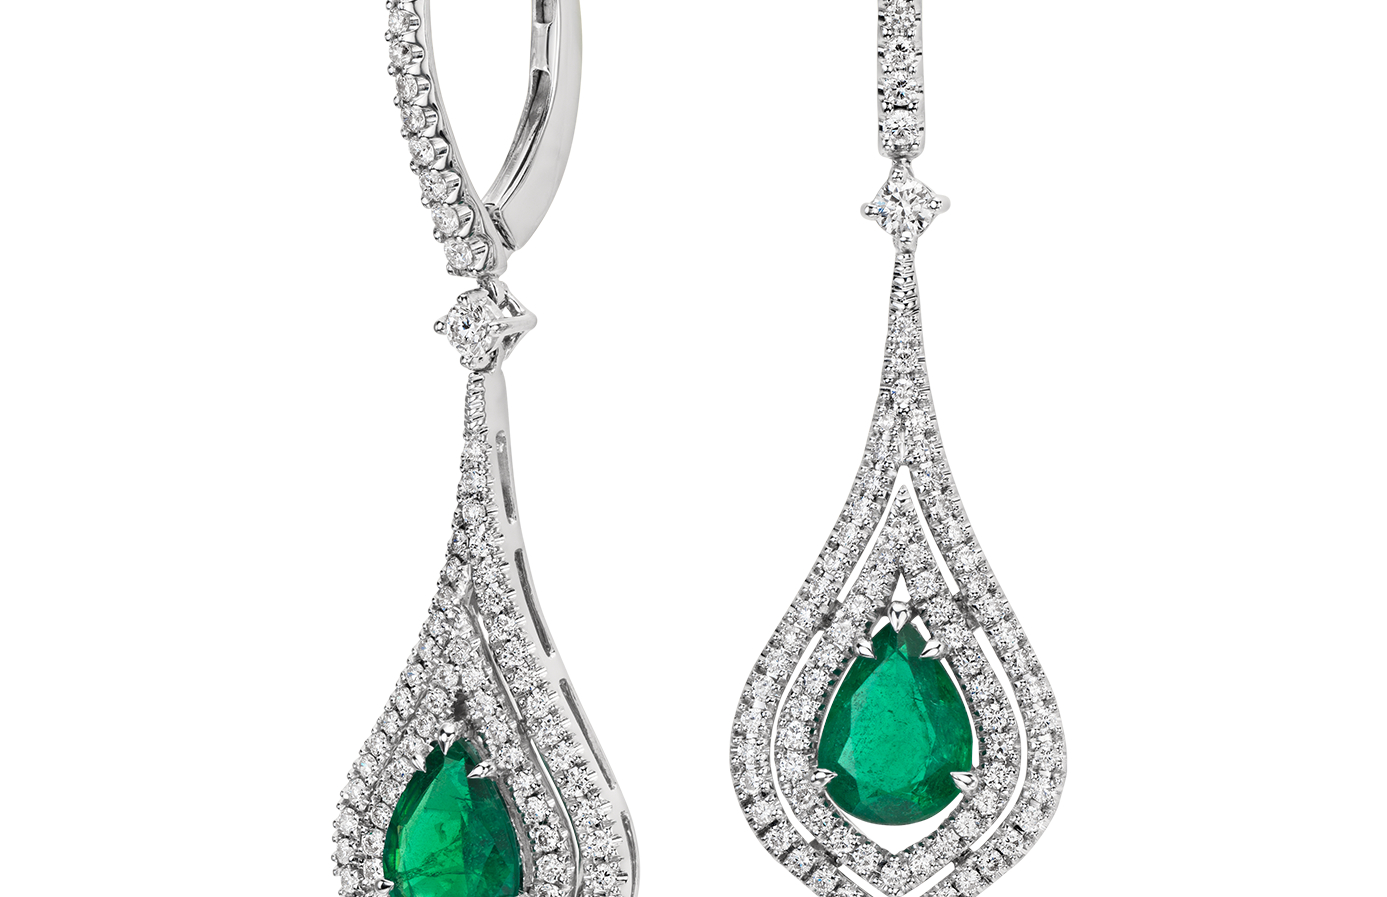 Boucles d'oreilles halo de diamants sertis pavé et émeraude forme poire en or blanc 18carats (8x6mm)